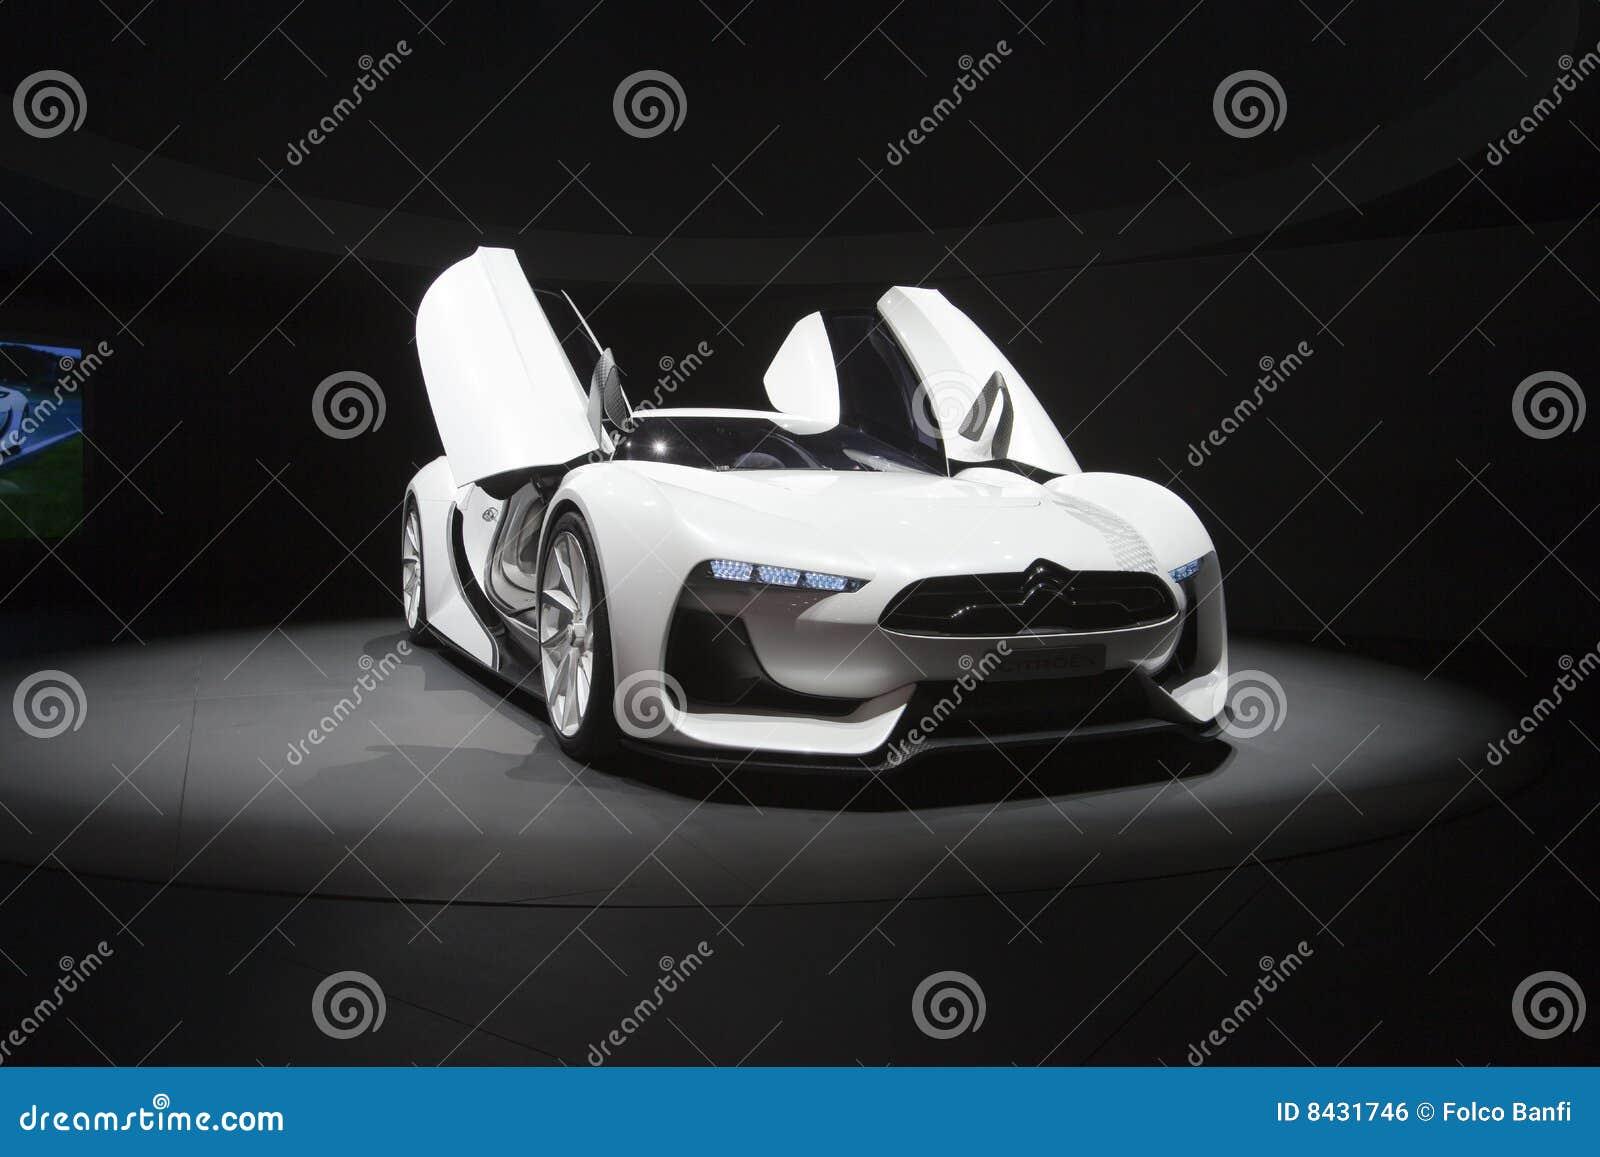 GT-by-Citroen concept car - 2009 Geneva Motor Show